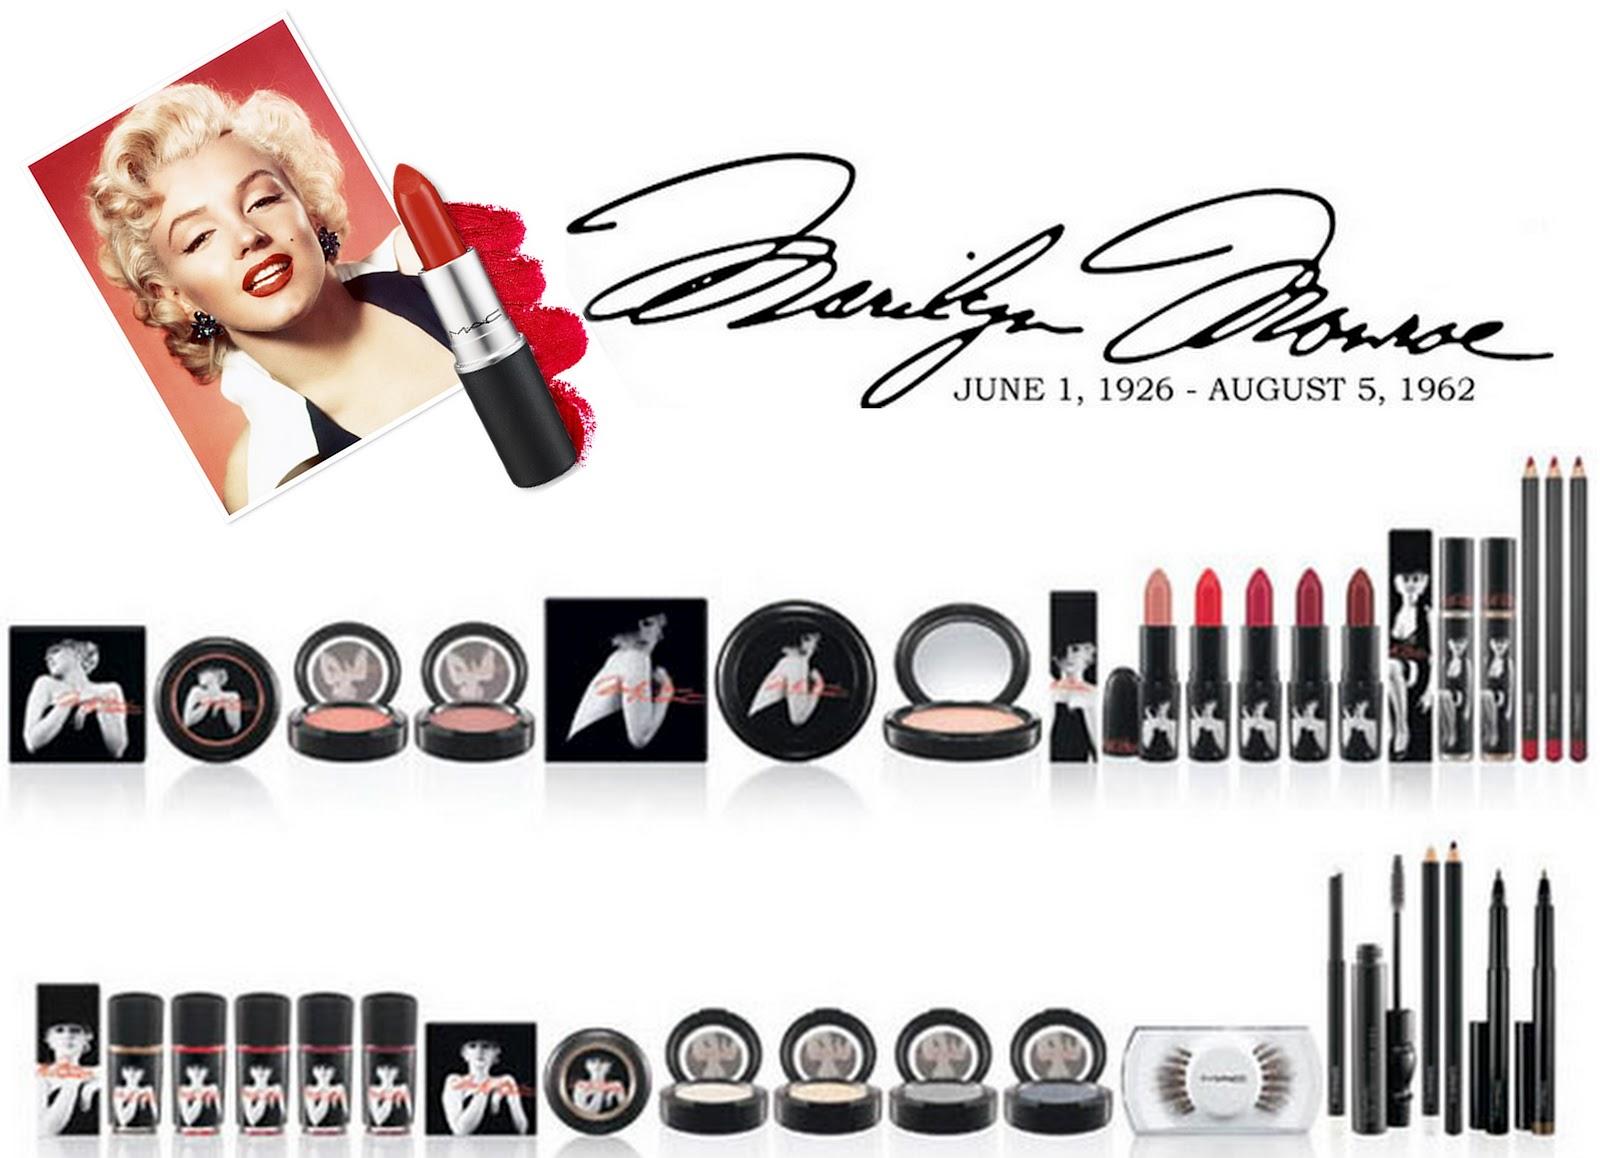 http://2.bp.blogspot.com/-OzOhhSyb4co/UG2sOFQIpoI/AAAAAAAAAkE/rZMgFnyEJpA/s1600/MAC+Marilyn+Monroe+-+Resenha+Chic.jpg